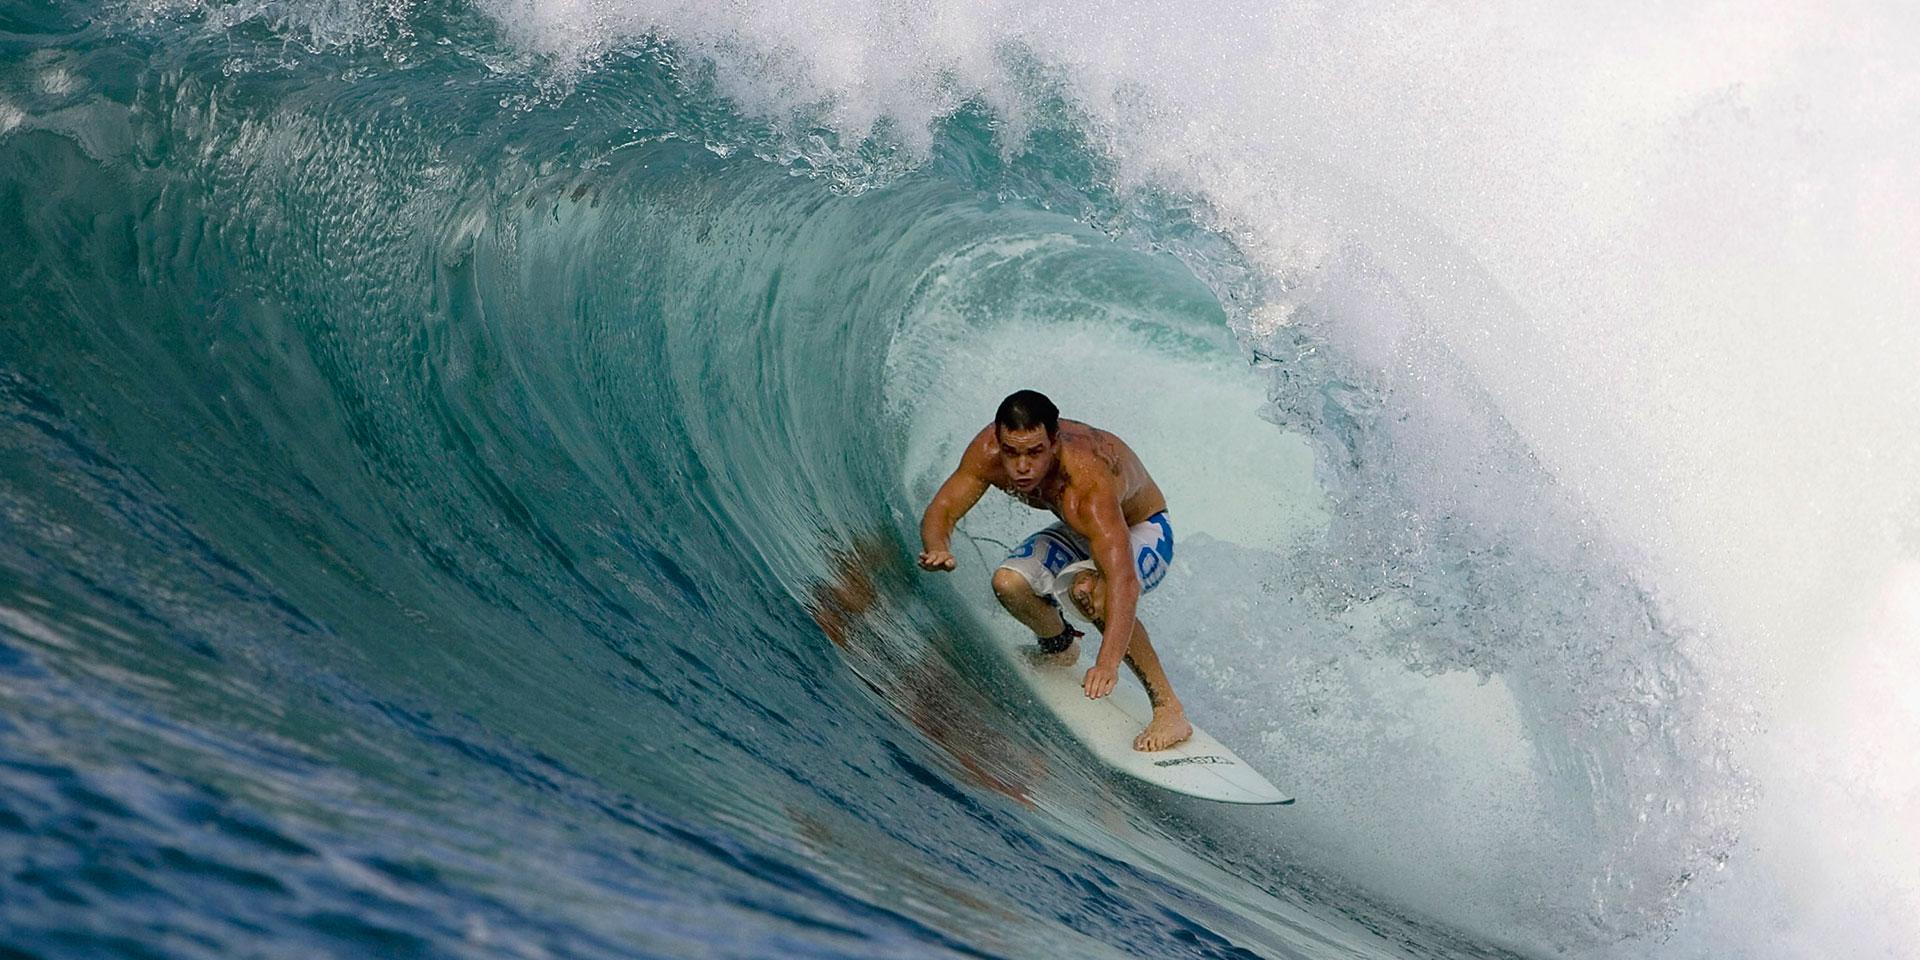 Inilah 7 Lokasi Surfing Terbaik Paling Menantang di Bali